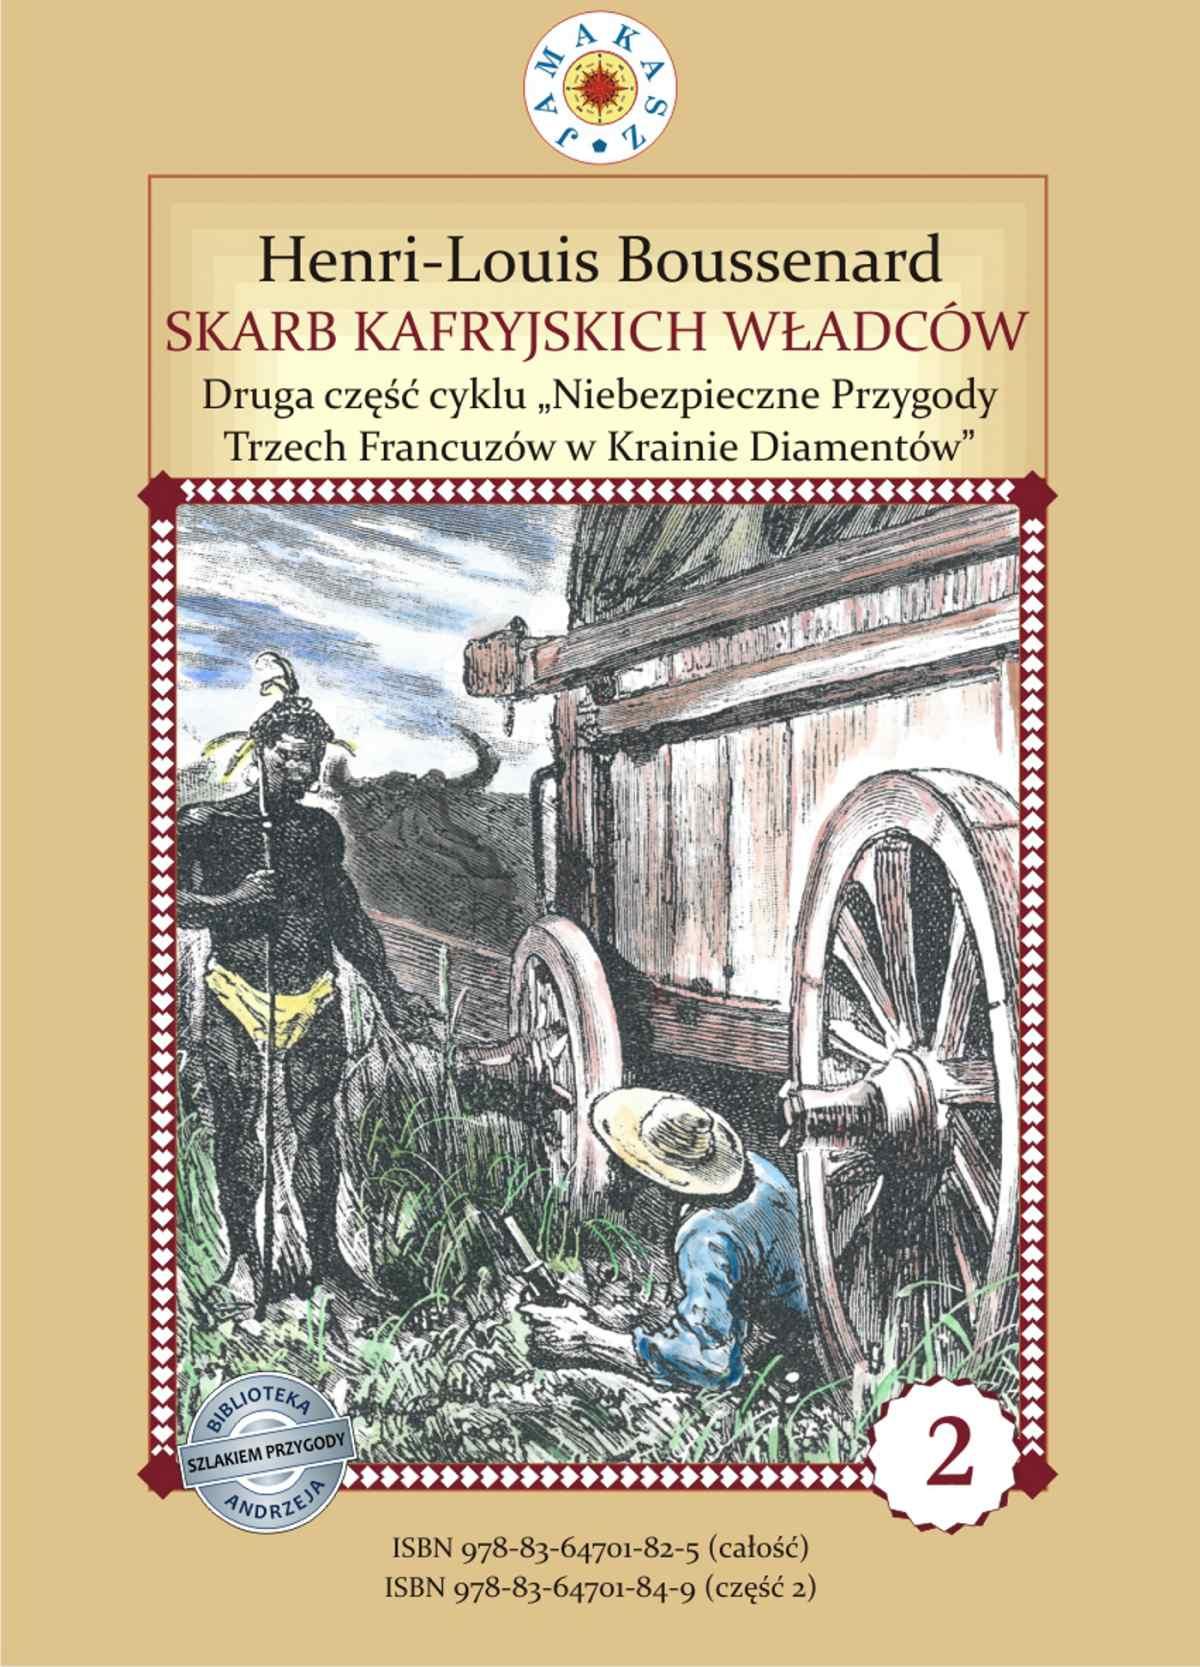 """Skarb kafryjskich władców. II część cyklu """"Niebezpieczne Przygody Trzech Francuzów w Krainie Diamentów - Ebook (Książka EPUB) do pobrania w formacie EPUB"""